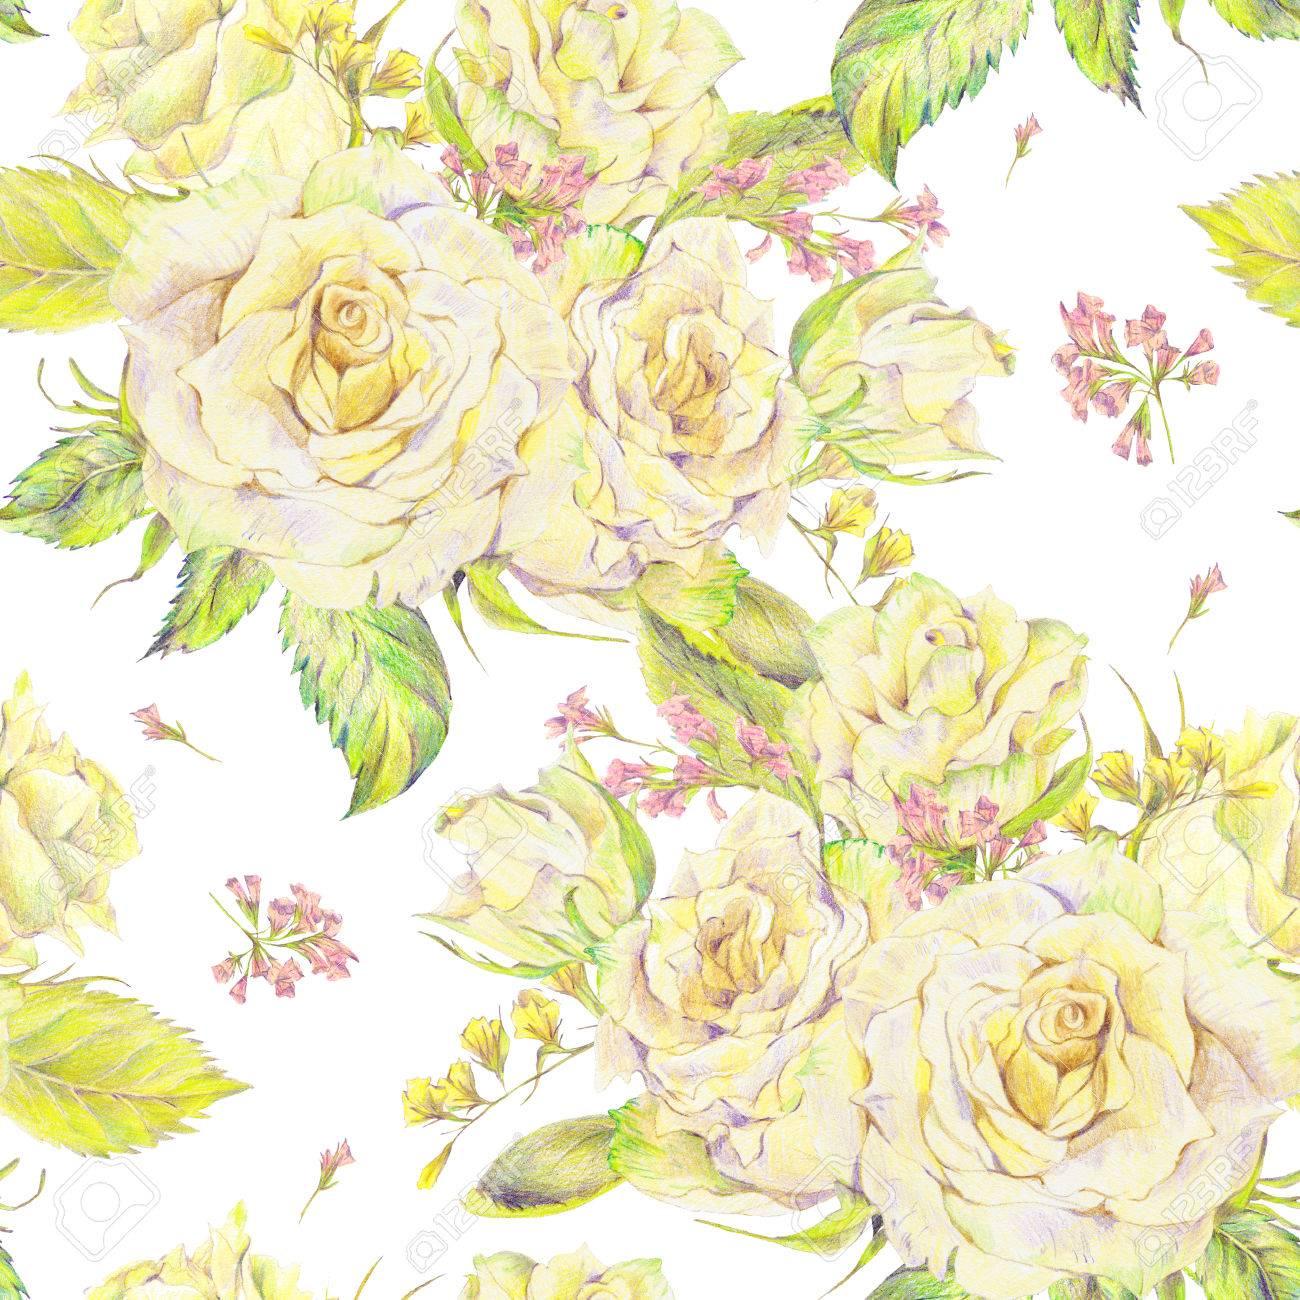 Floral dessinés à la main fond transparent avec bouquet de roses blanches  et de fleurs sauvages, dessin au crayon floral illustration botanique